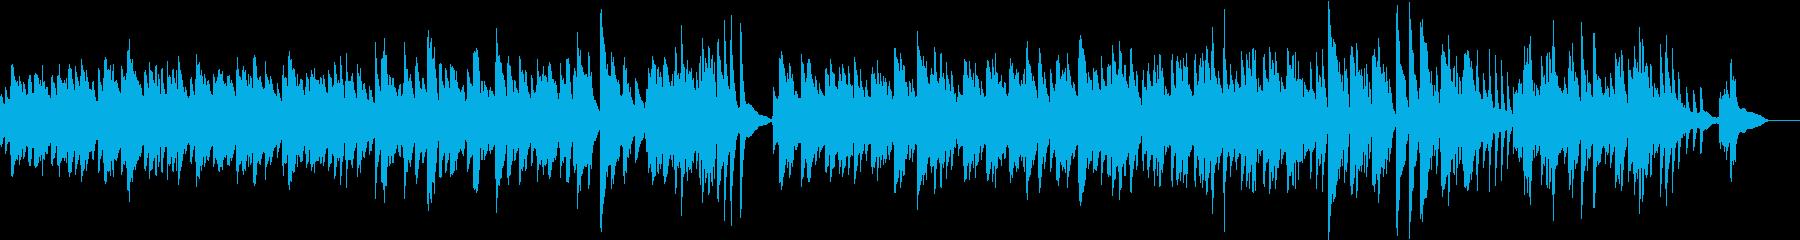 ピアノで即興しました2の再生済みの波形